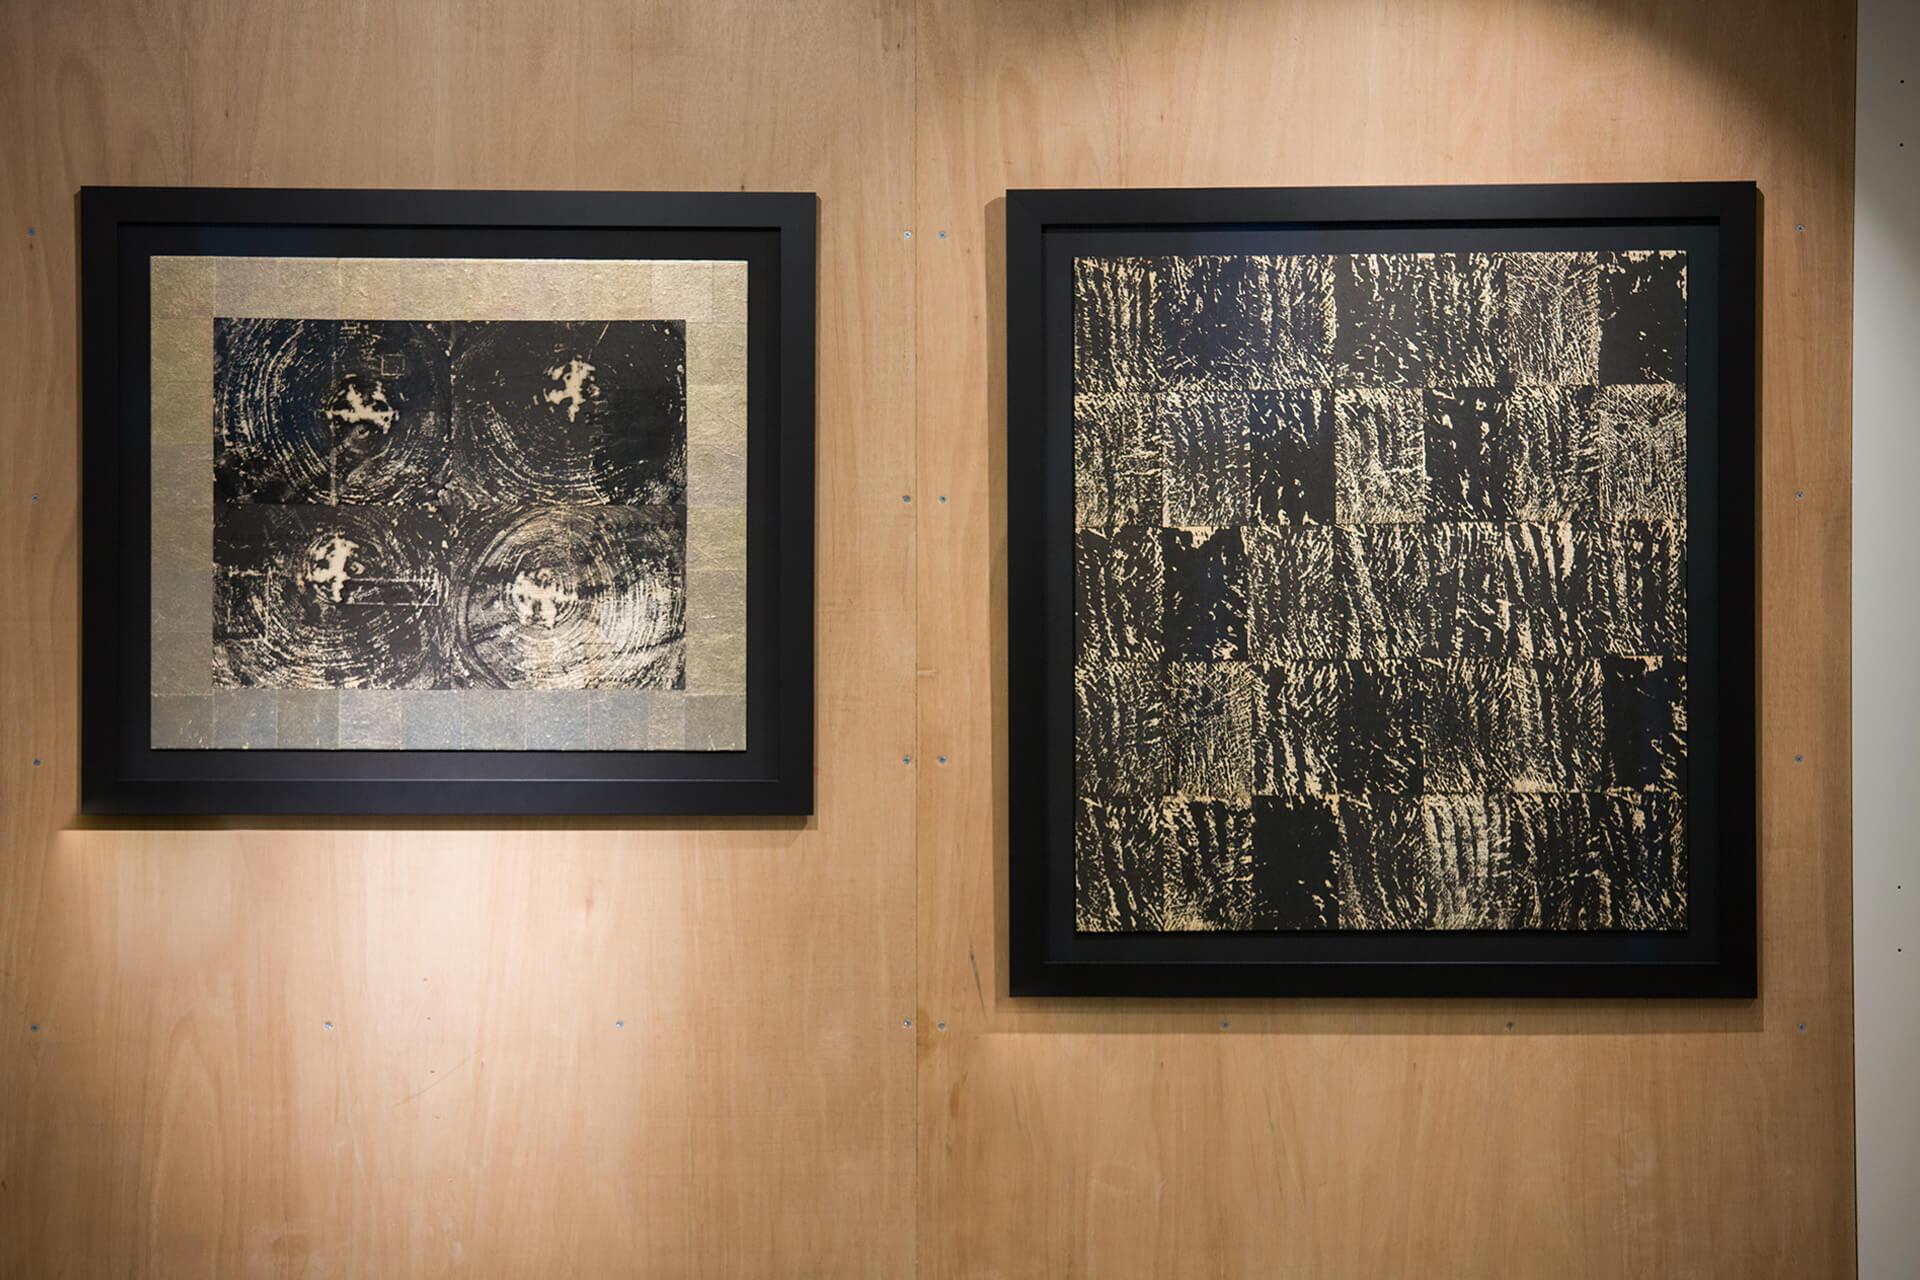 2019年的作品走大自然風,左邊是樹木的年輪,右邊卻在模仿森林。